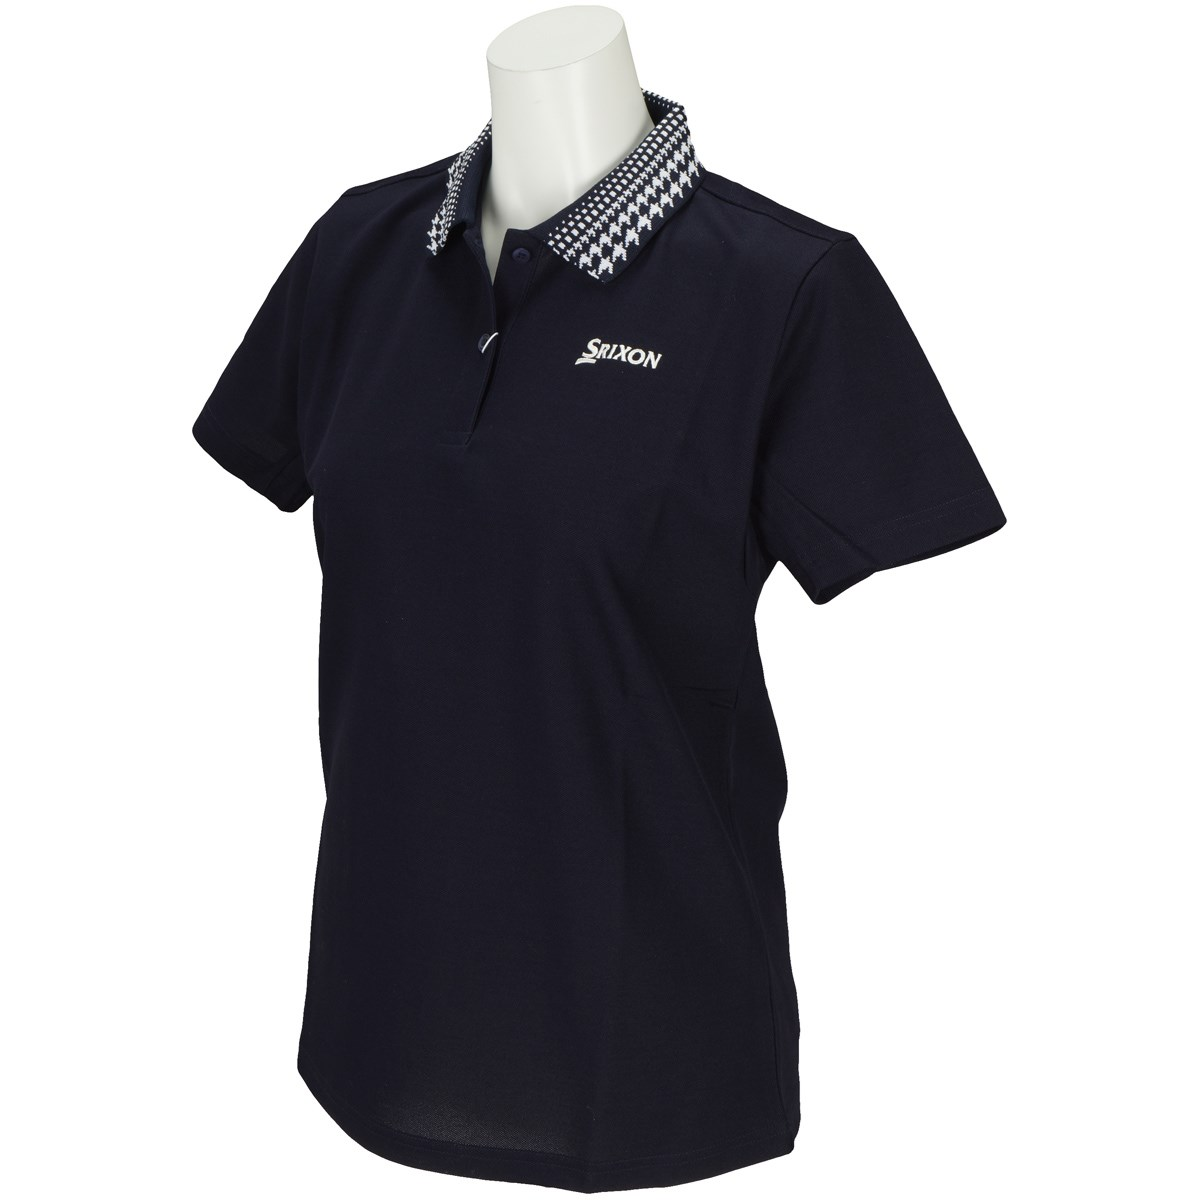 スリクソンゴルフ SRIXON 半袖ポロシャツ S ネイビー NV00 レディス